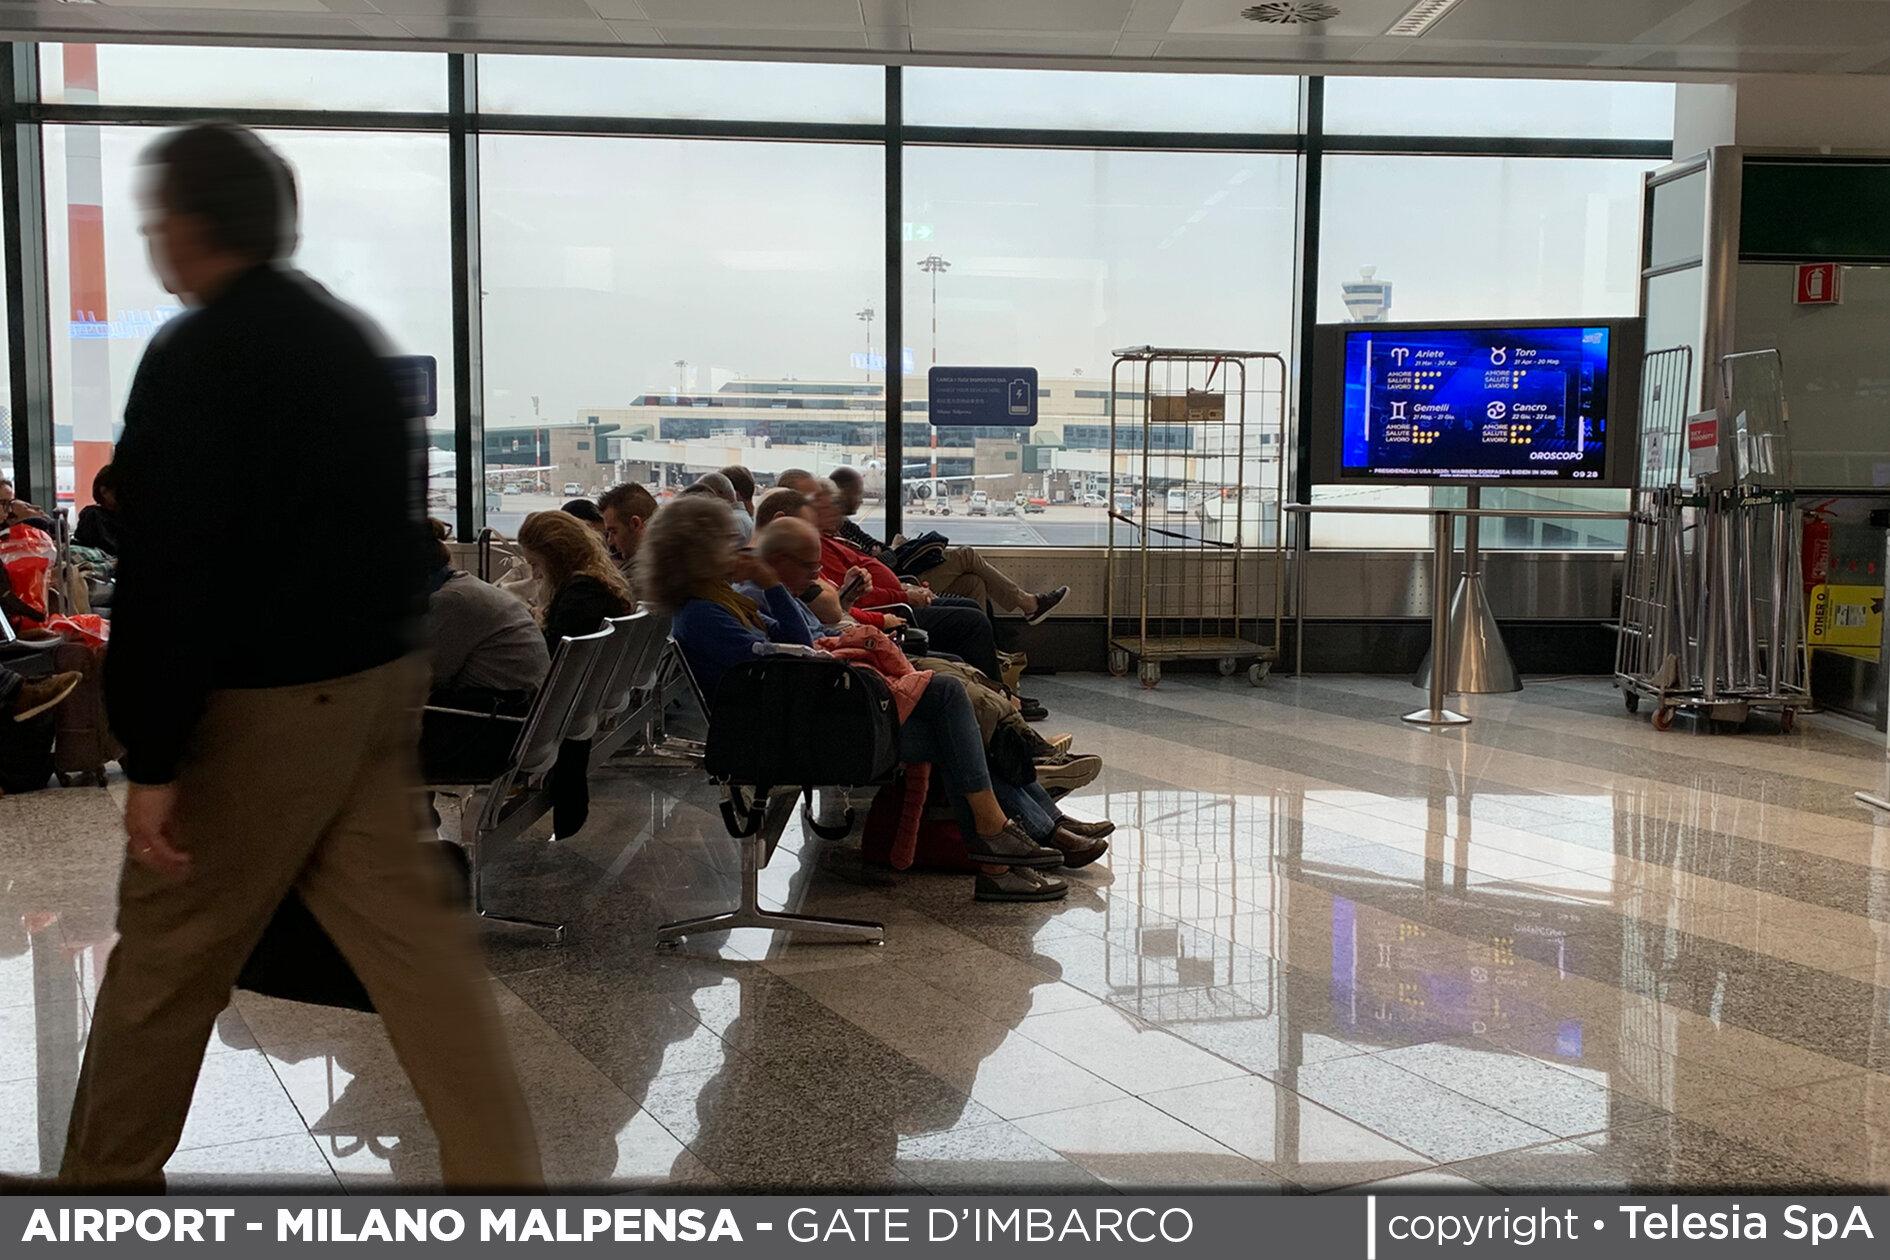 T_airportMilMalpensa3.jpg